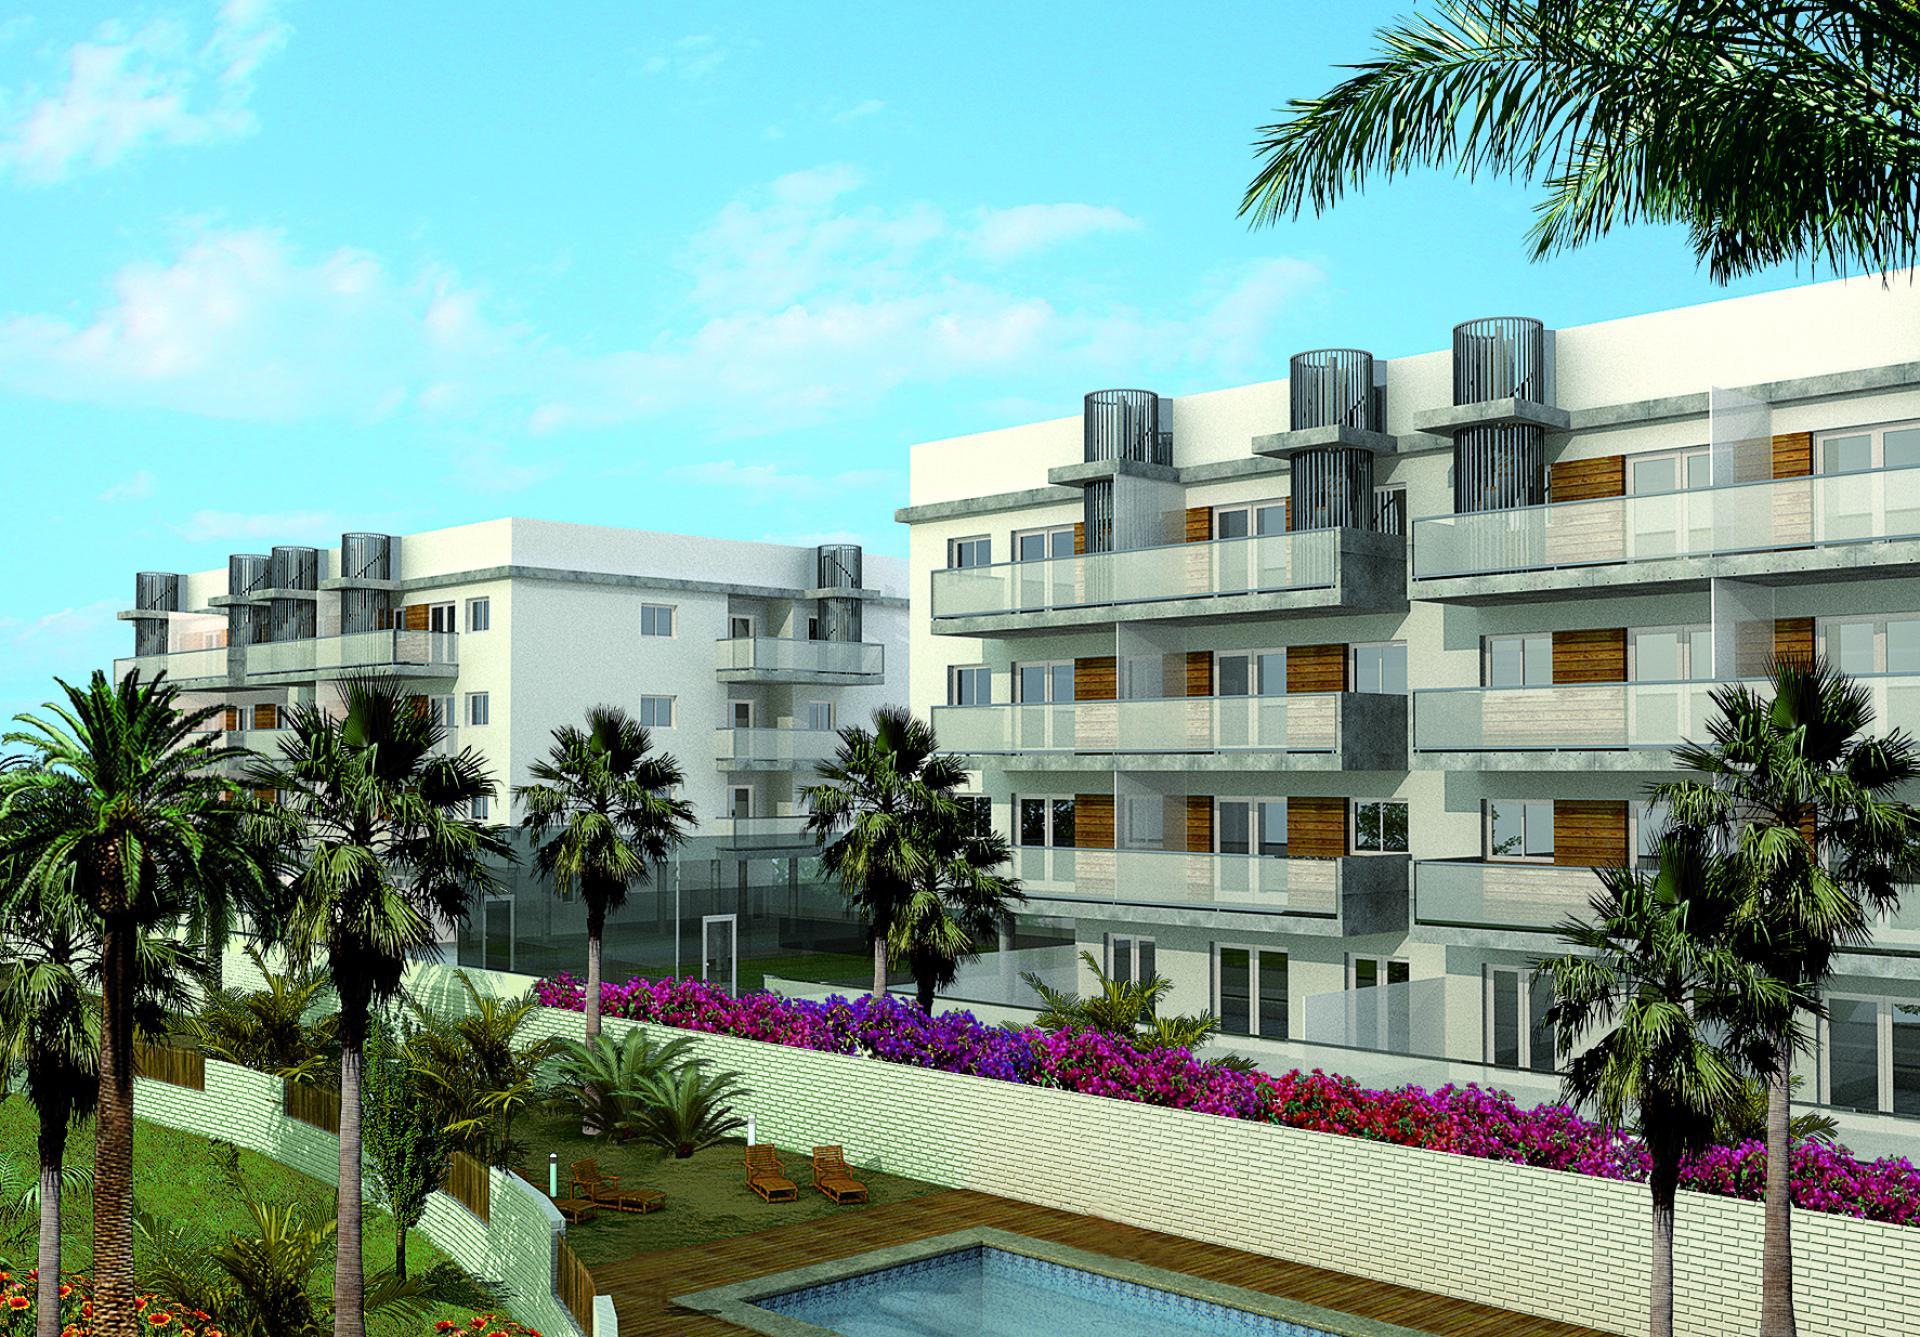 3 Slaapkamer Appartement met solarium in Oliva - Nieuwbouw in Medvilla Spanje